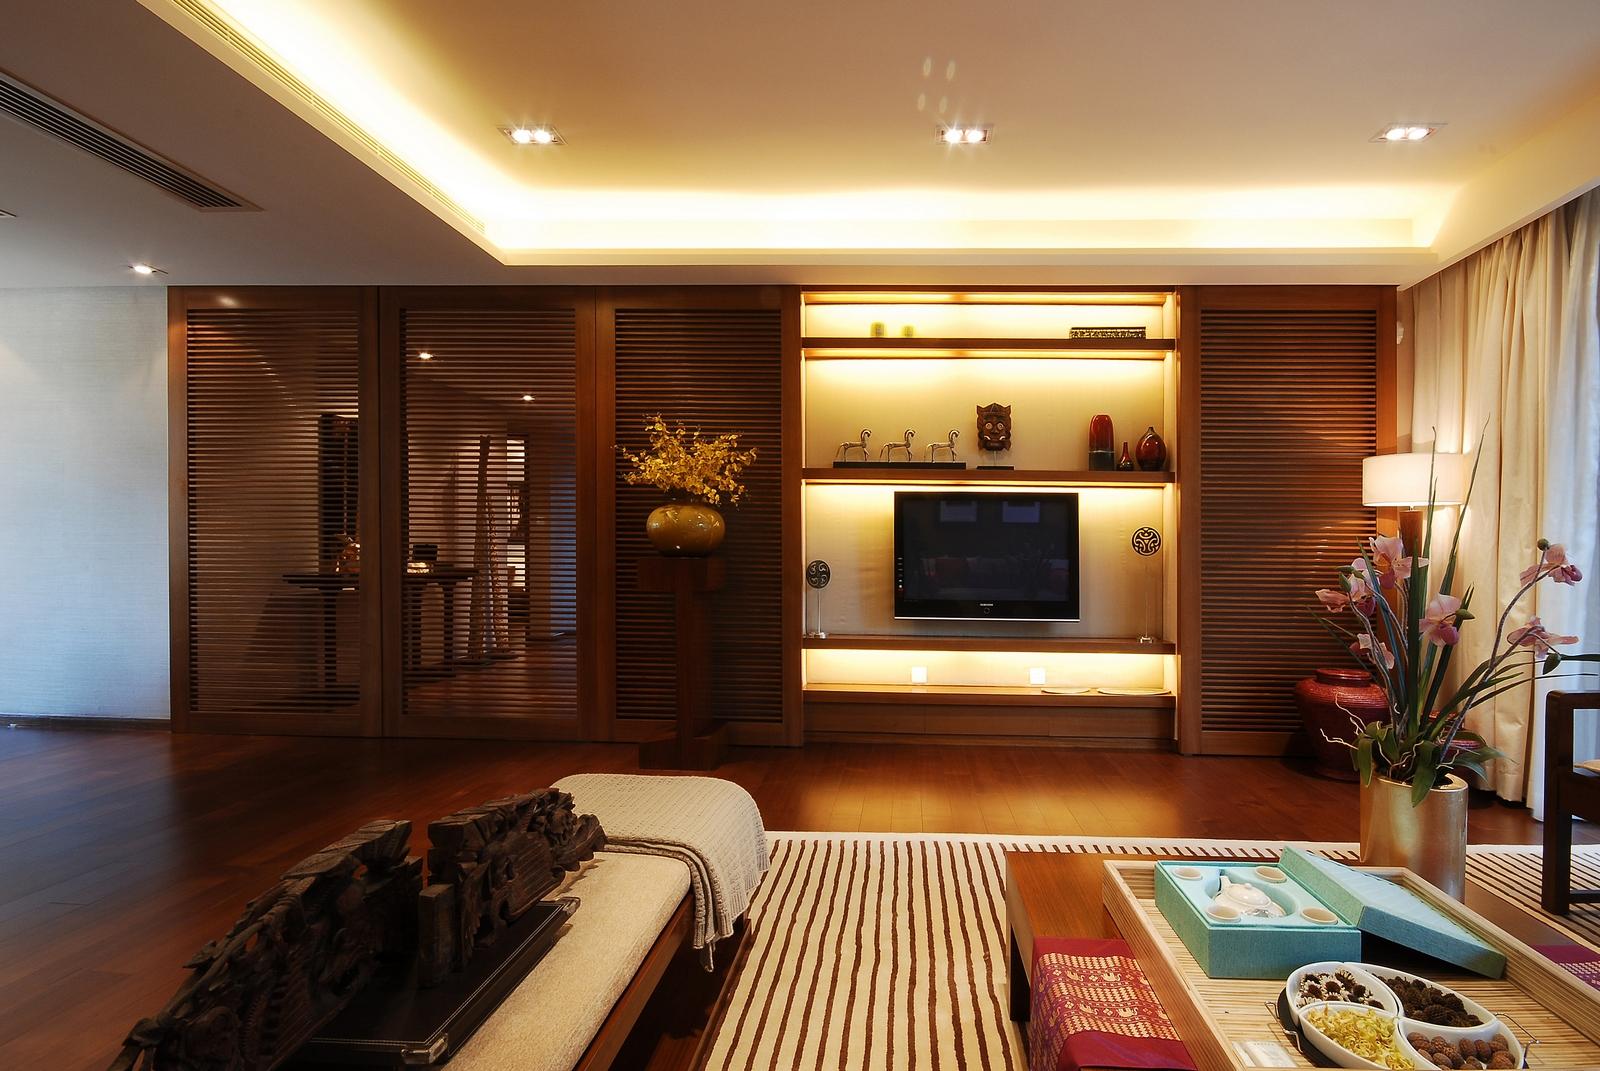 三居 简约 客厅图片来自武汉豪迪装饰公司在顶琇国际城102平现代简约的分享